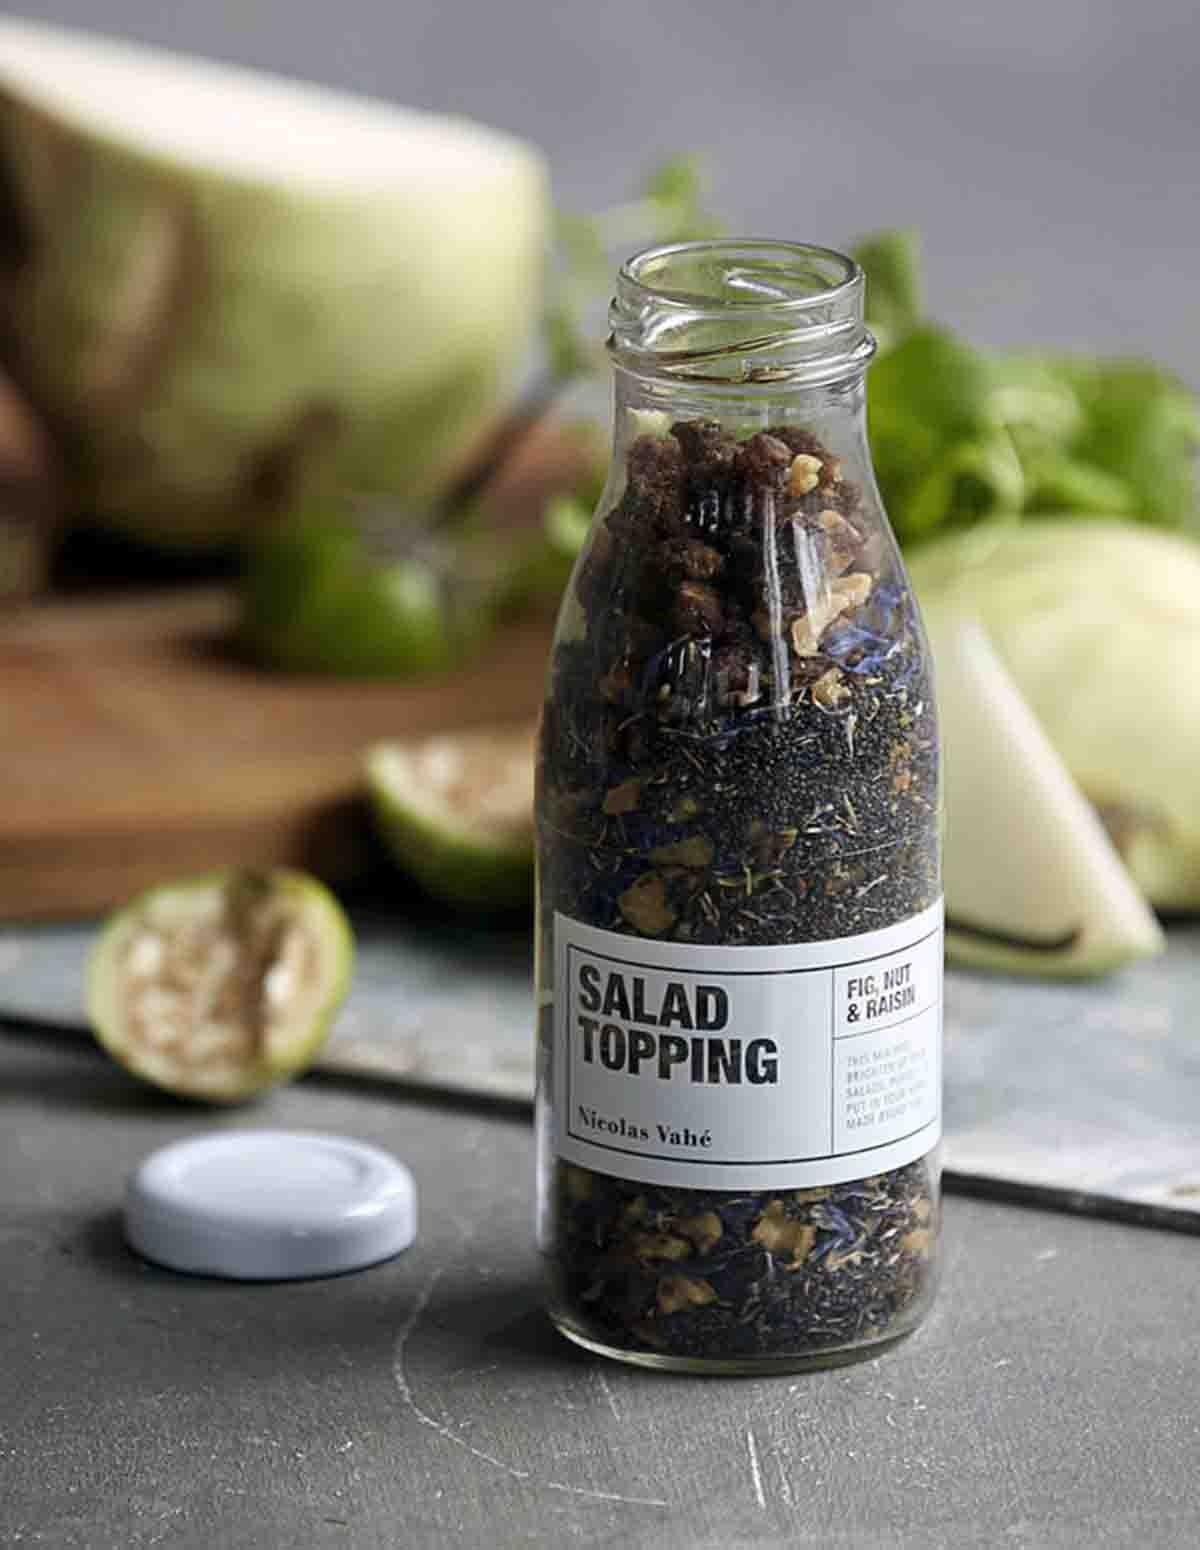 Nv Salad Topping